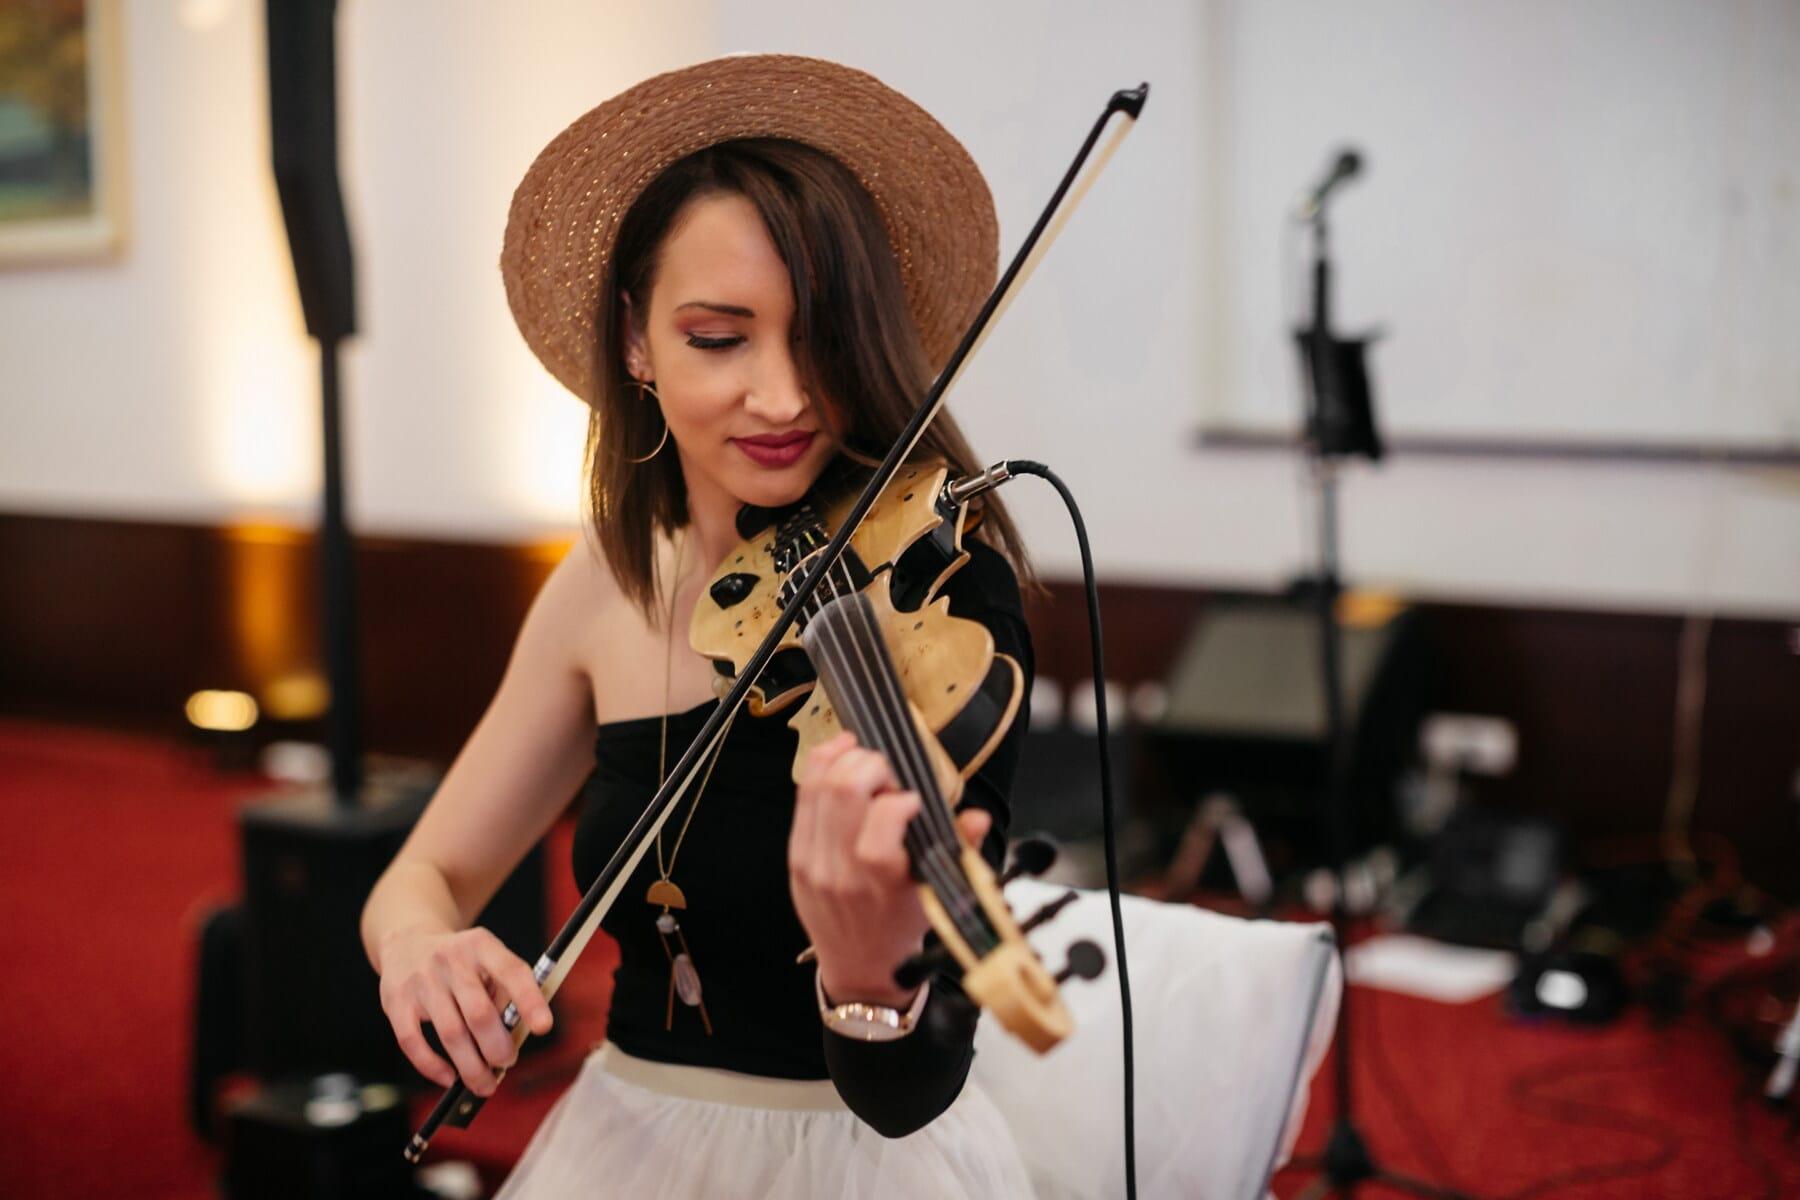 lijepa djevojka, električni, violina, glamur, koncert, glazbenik, šešir, lice, odijelo, portret